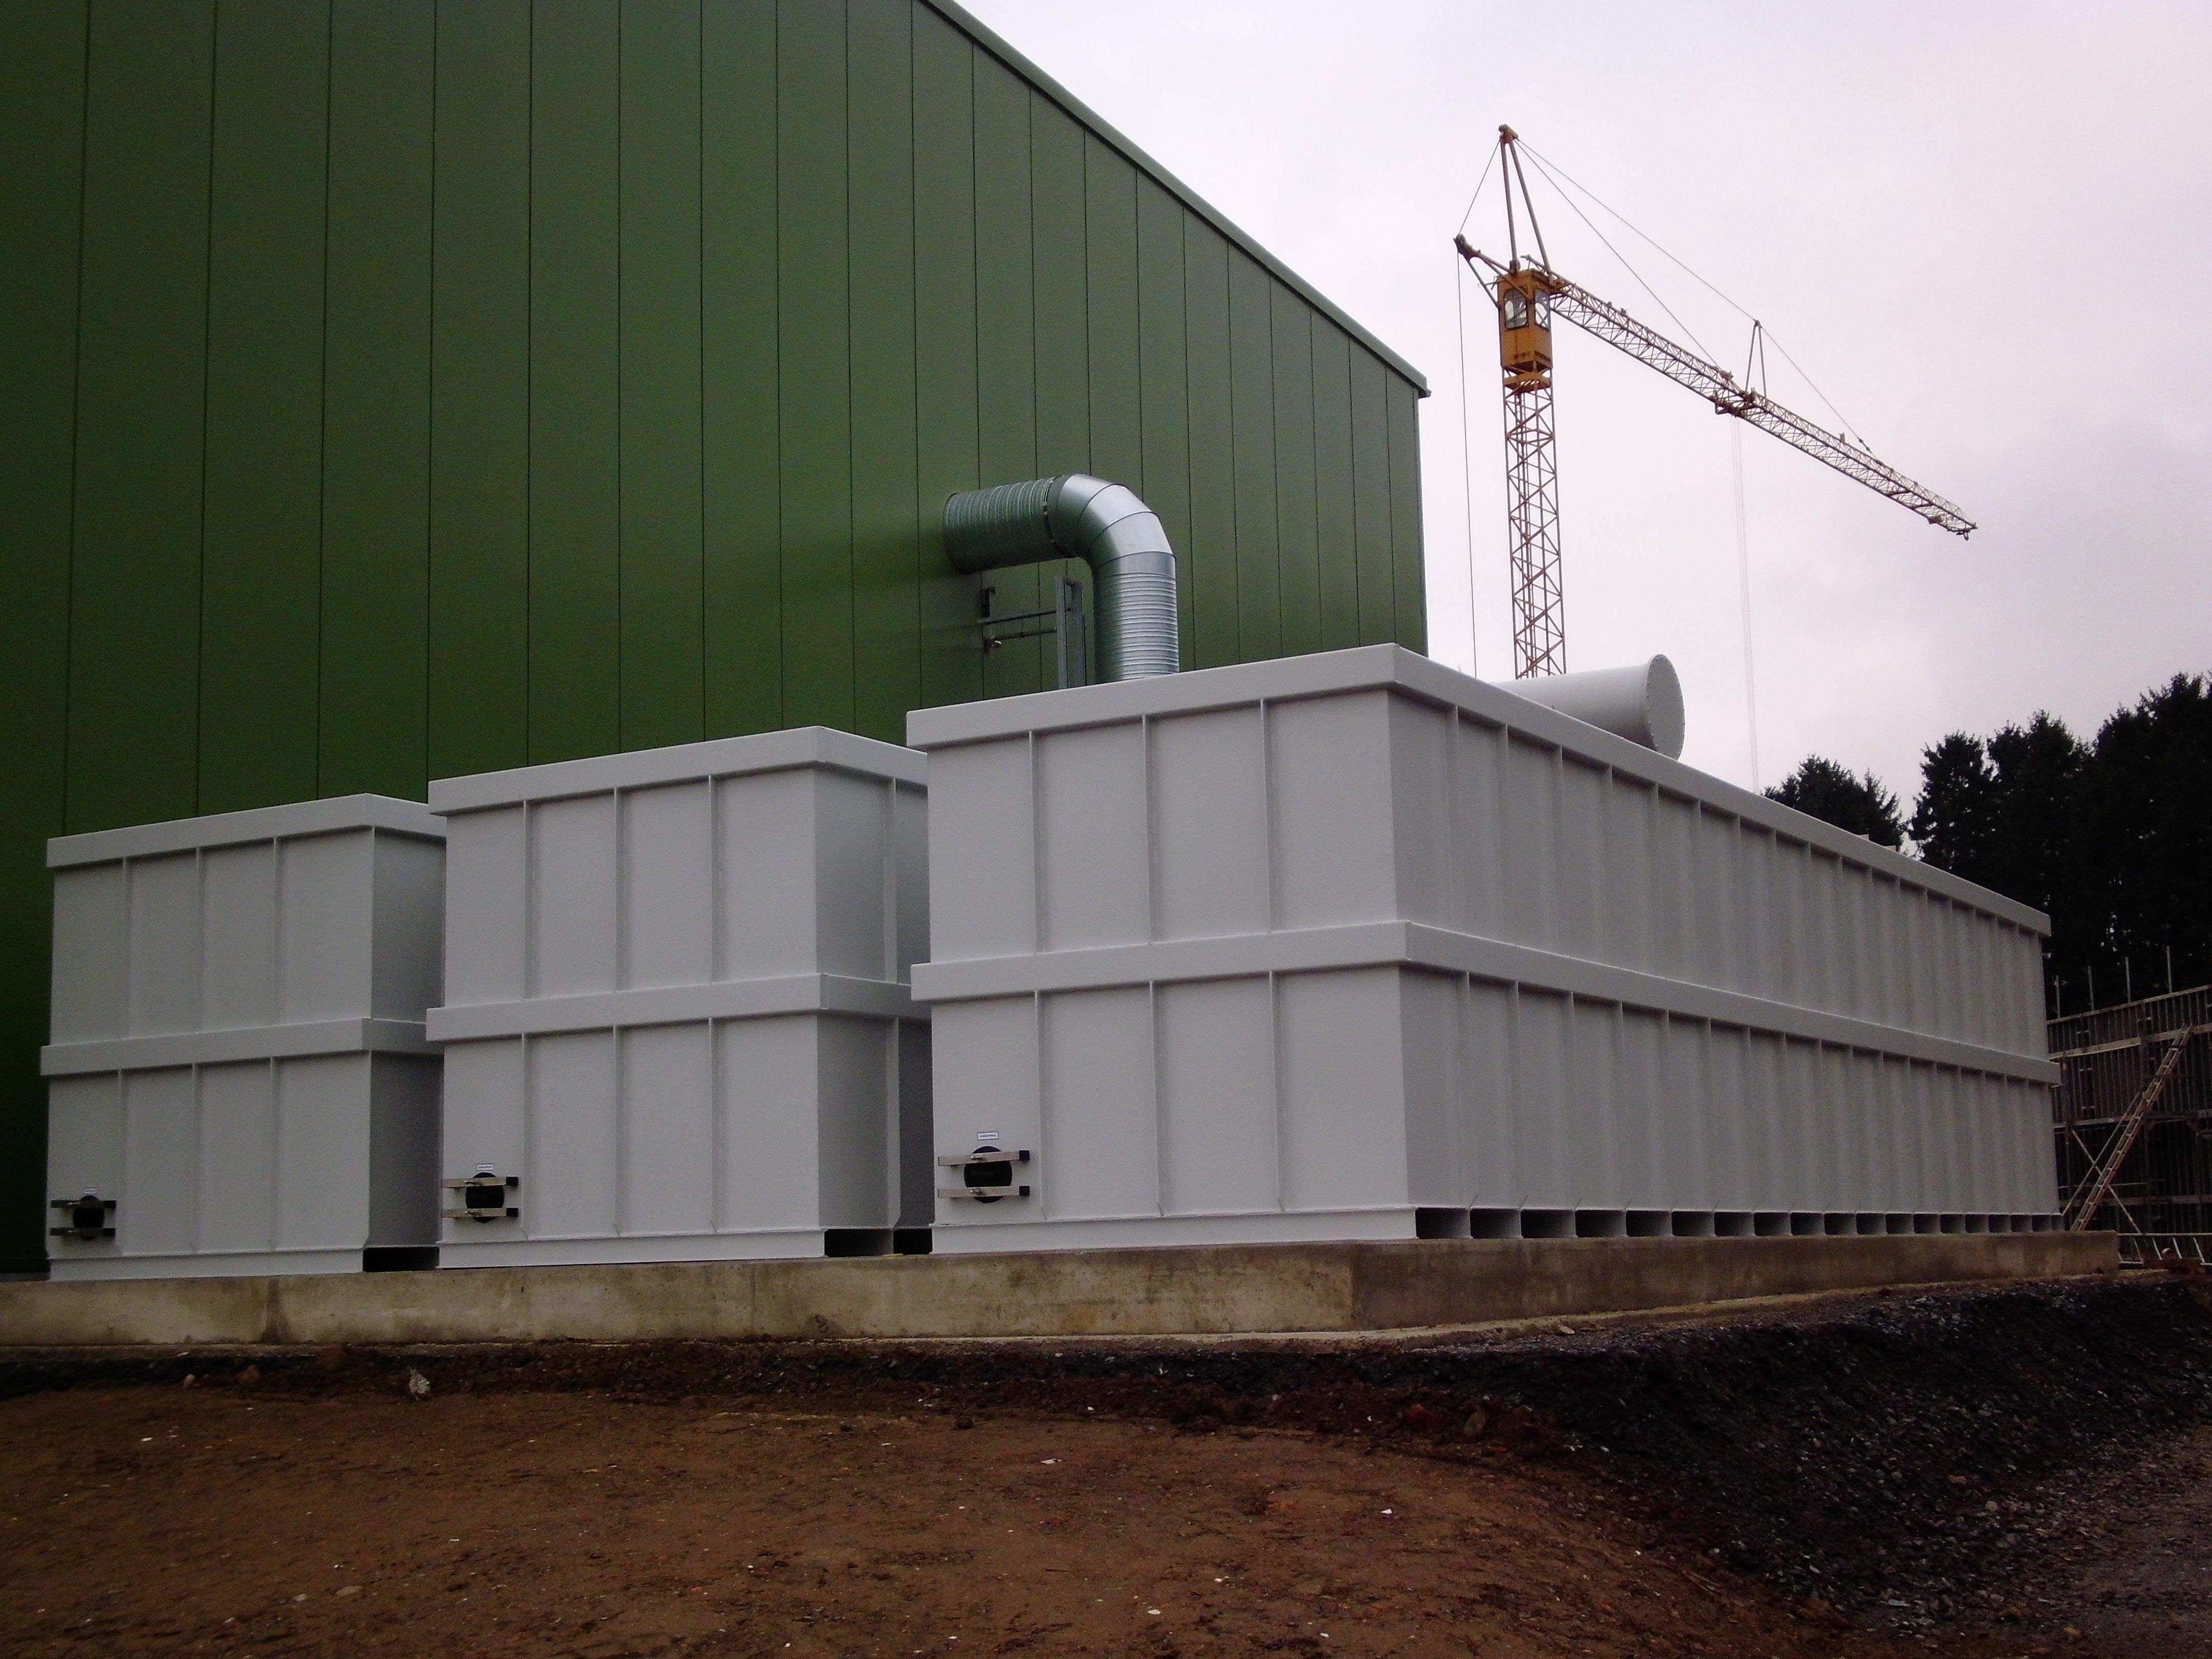 Biofiltri Modulari su Container - Biowood